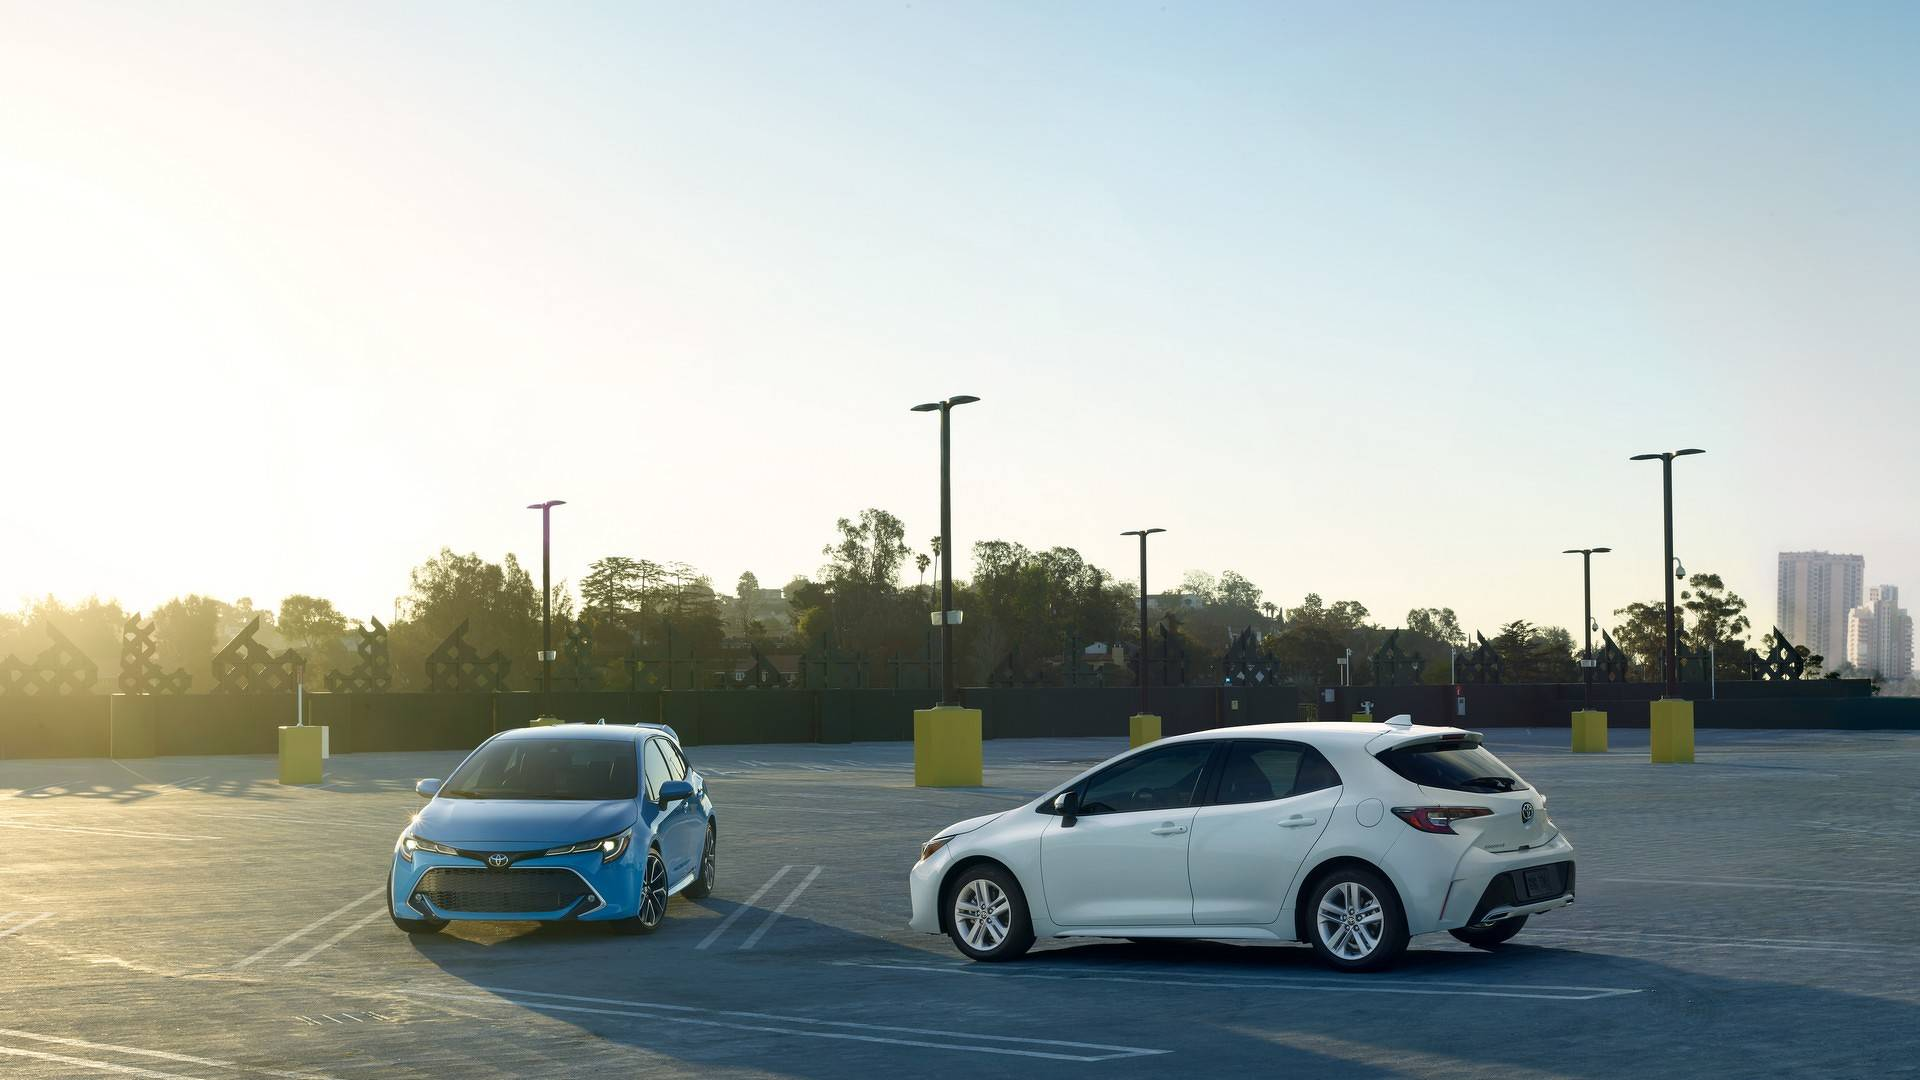 <strong>Toyota Corolla Hatchback 2019</strong> antecipa as linhas da nova geração do Corolla sedã